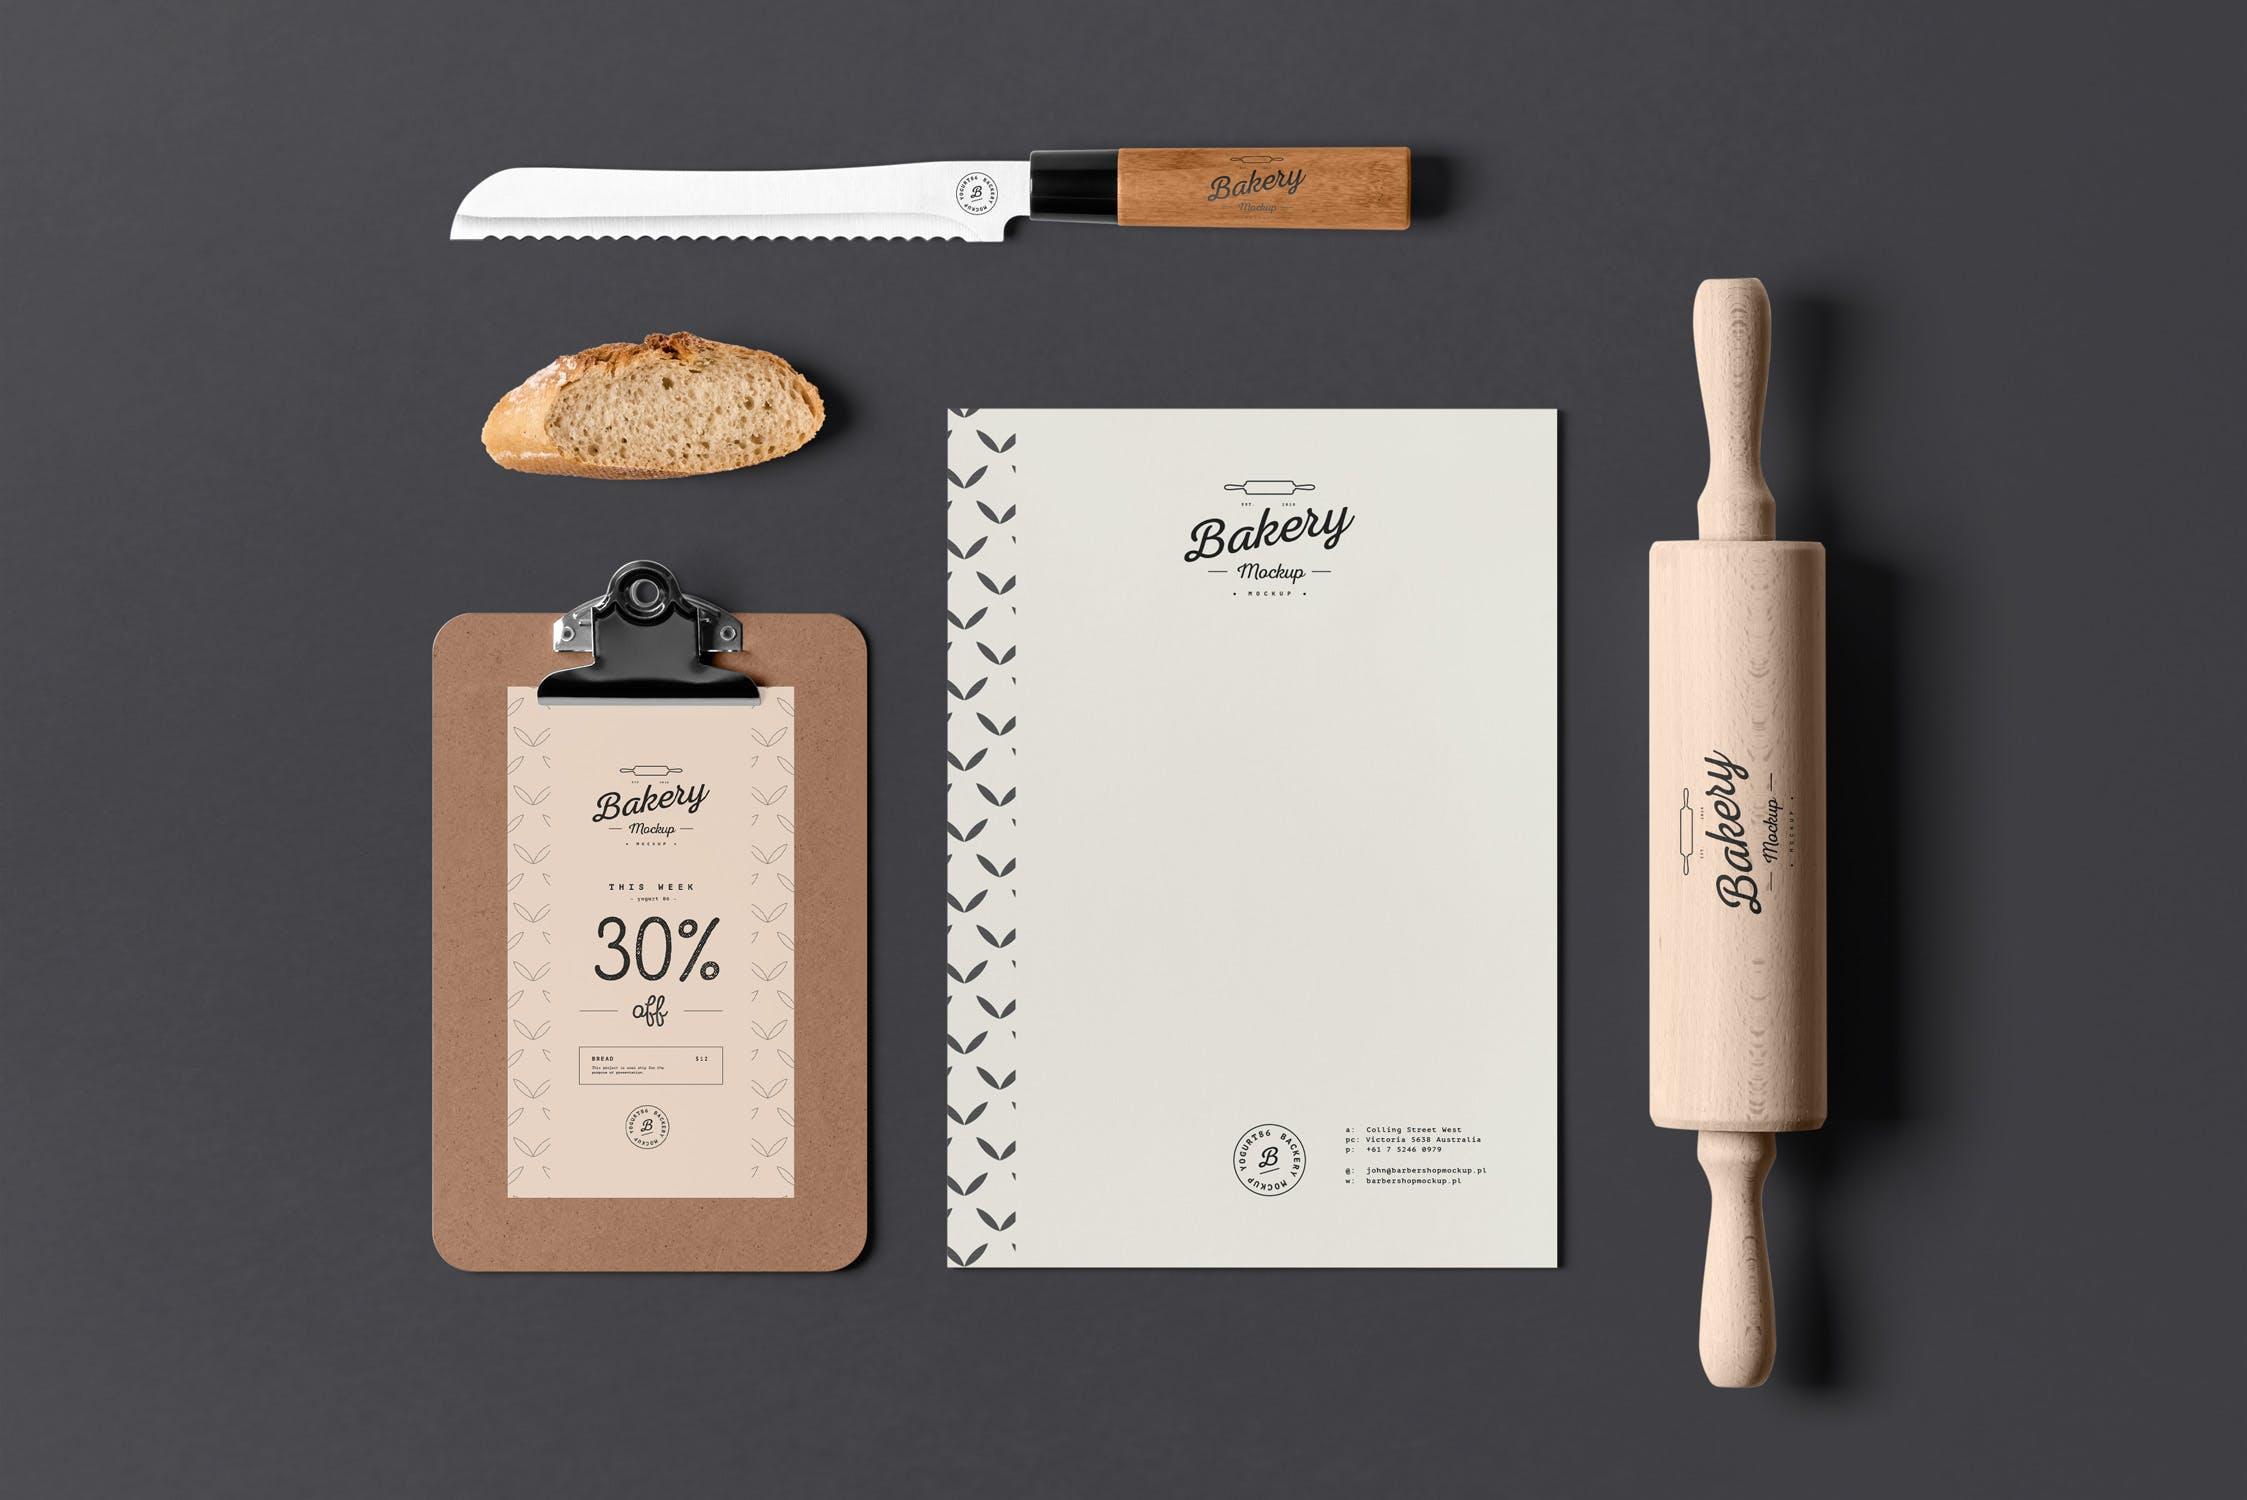 高端精致面包店品牌样机素材模板下载Bakery Branding Mock-up